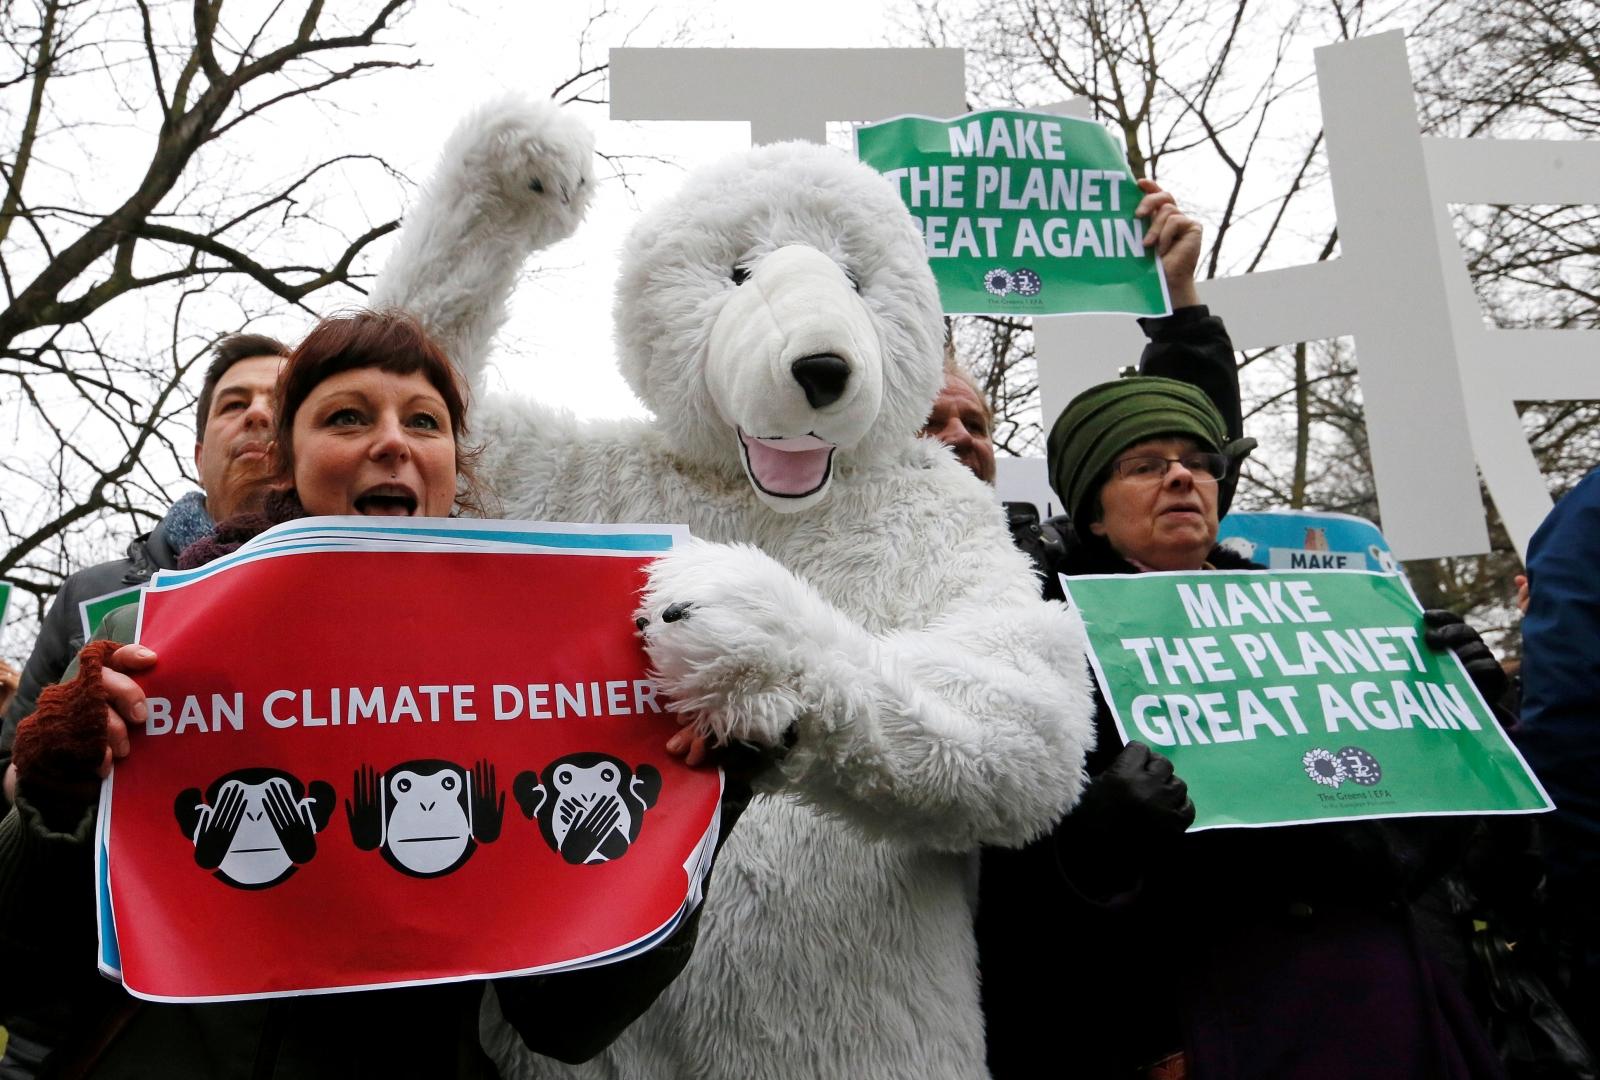 US Environmental activists